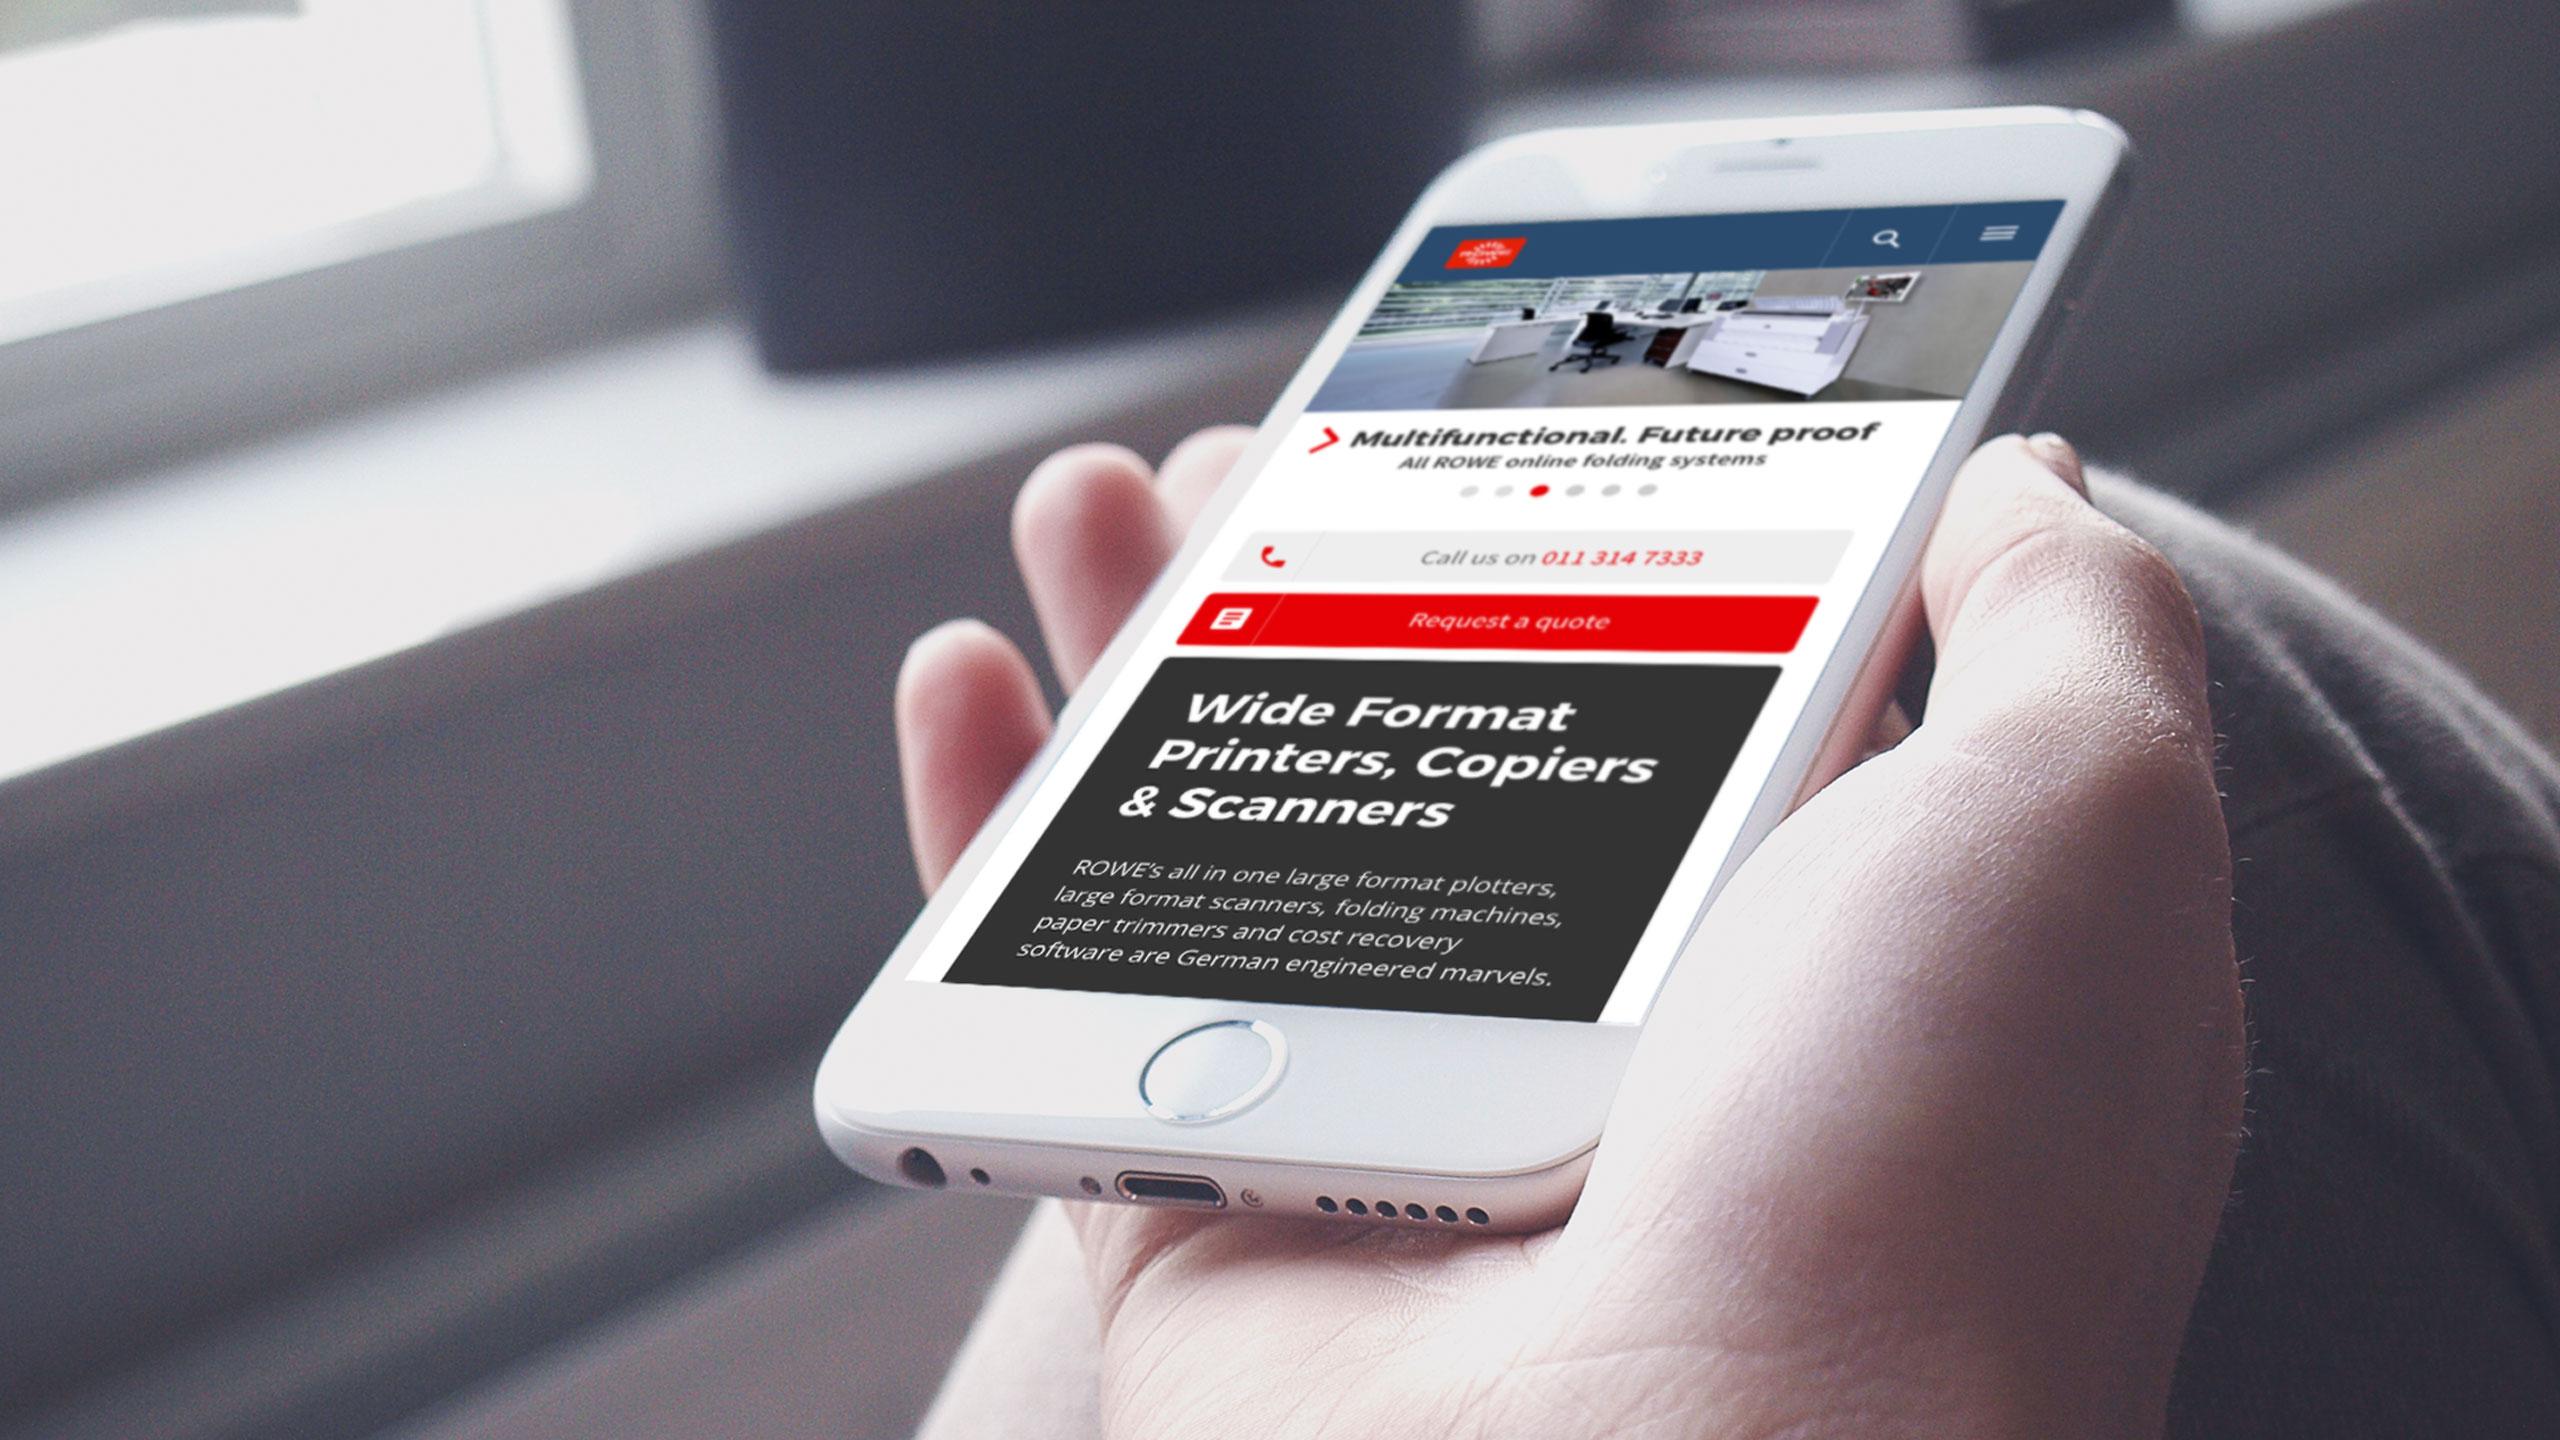 Mobile - Responsive website for ROWE SA